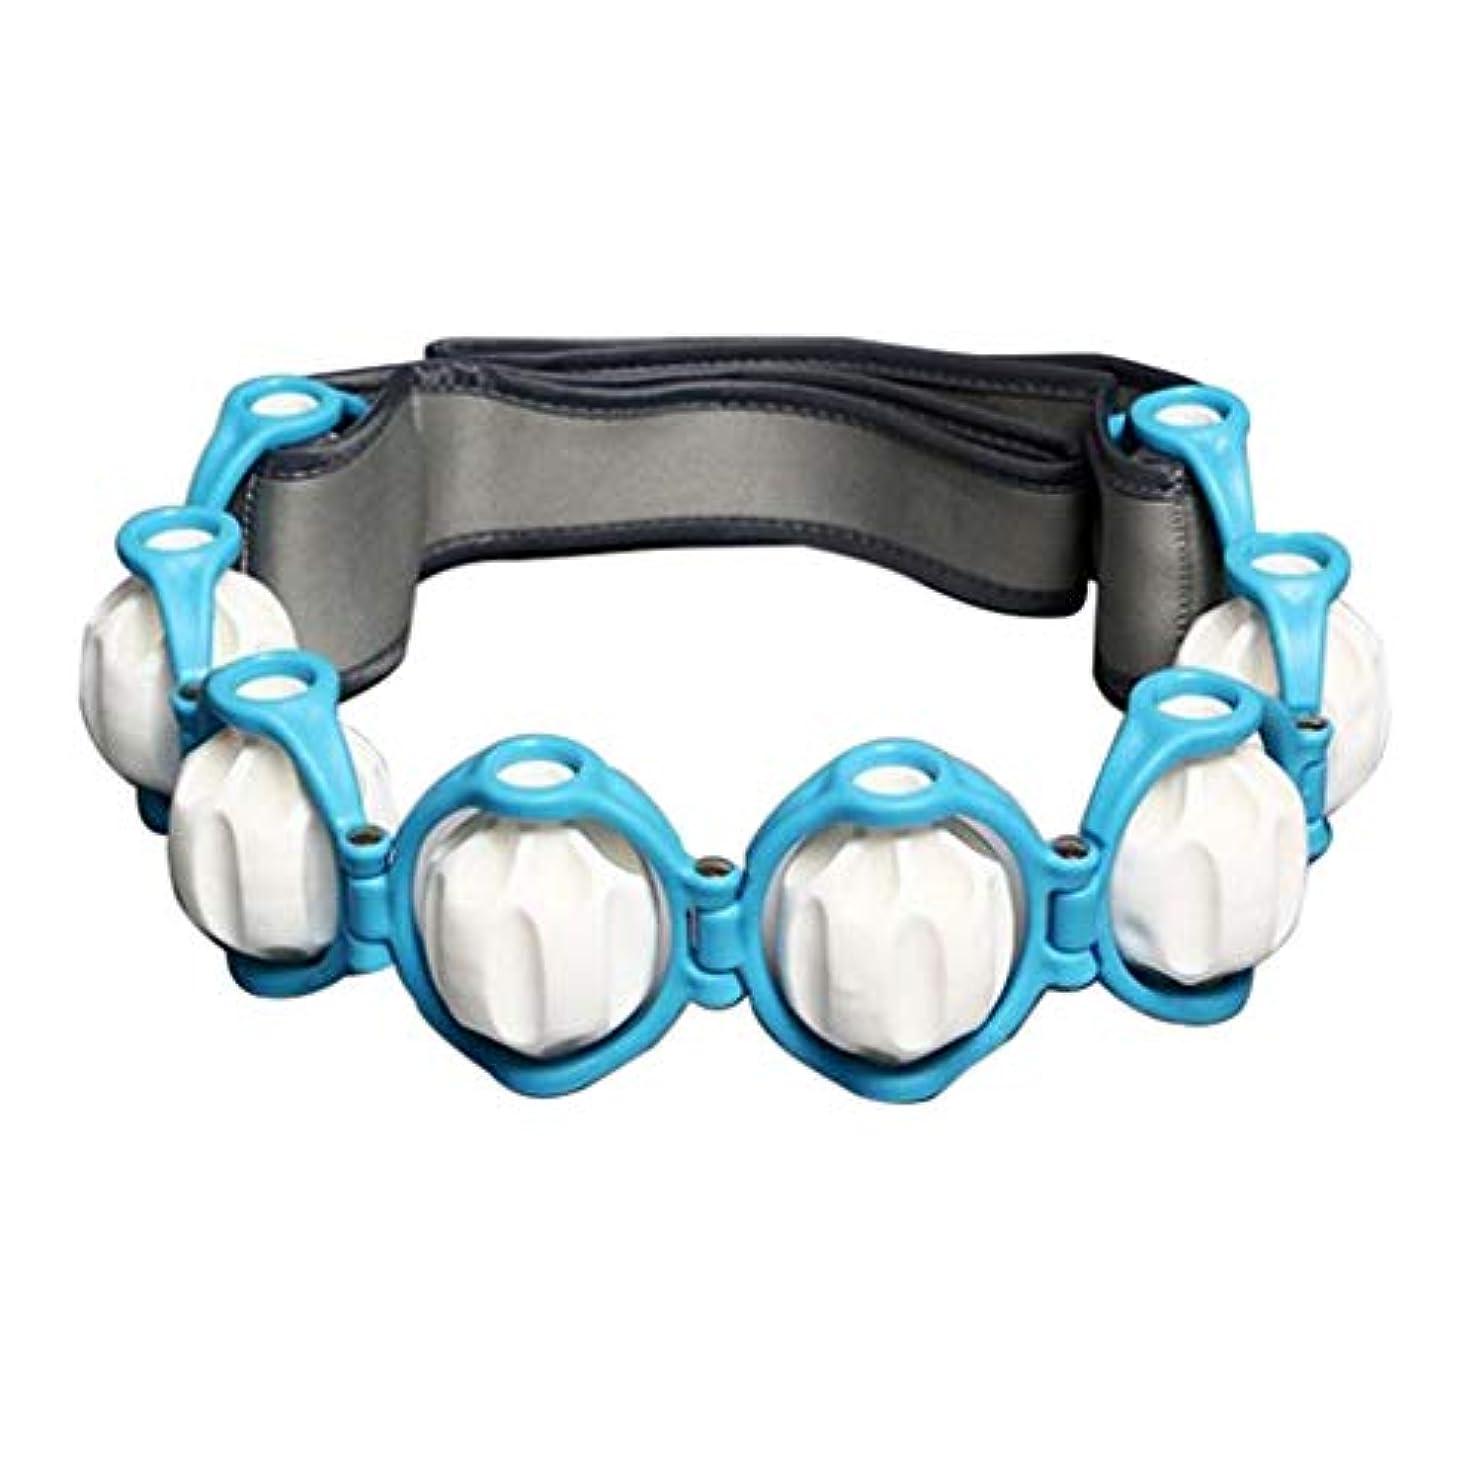 カーペット自分自身従うHellery フルボディ - 多機能 - 痛みを軽減するためのハンドヘルドマッサージローラーロープ - 青, 説明したように